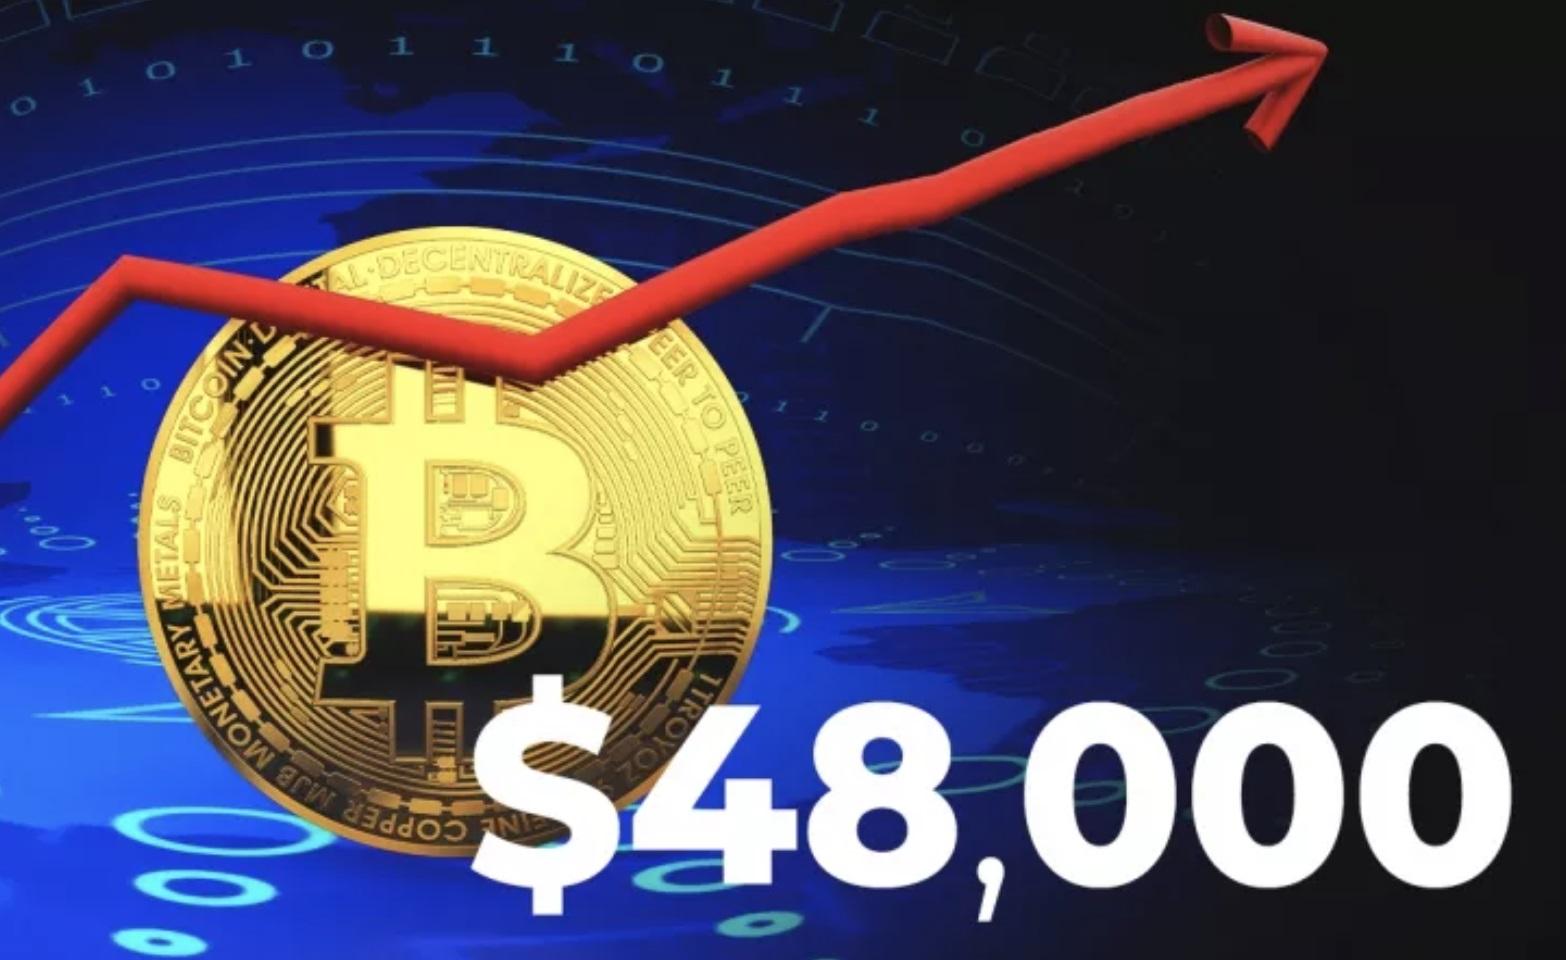 đồng Bitcoin đã tăng giá lên mức cao kỷ lục mọi thời đại là trên 48.000 USD